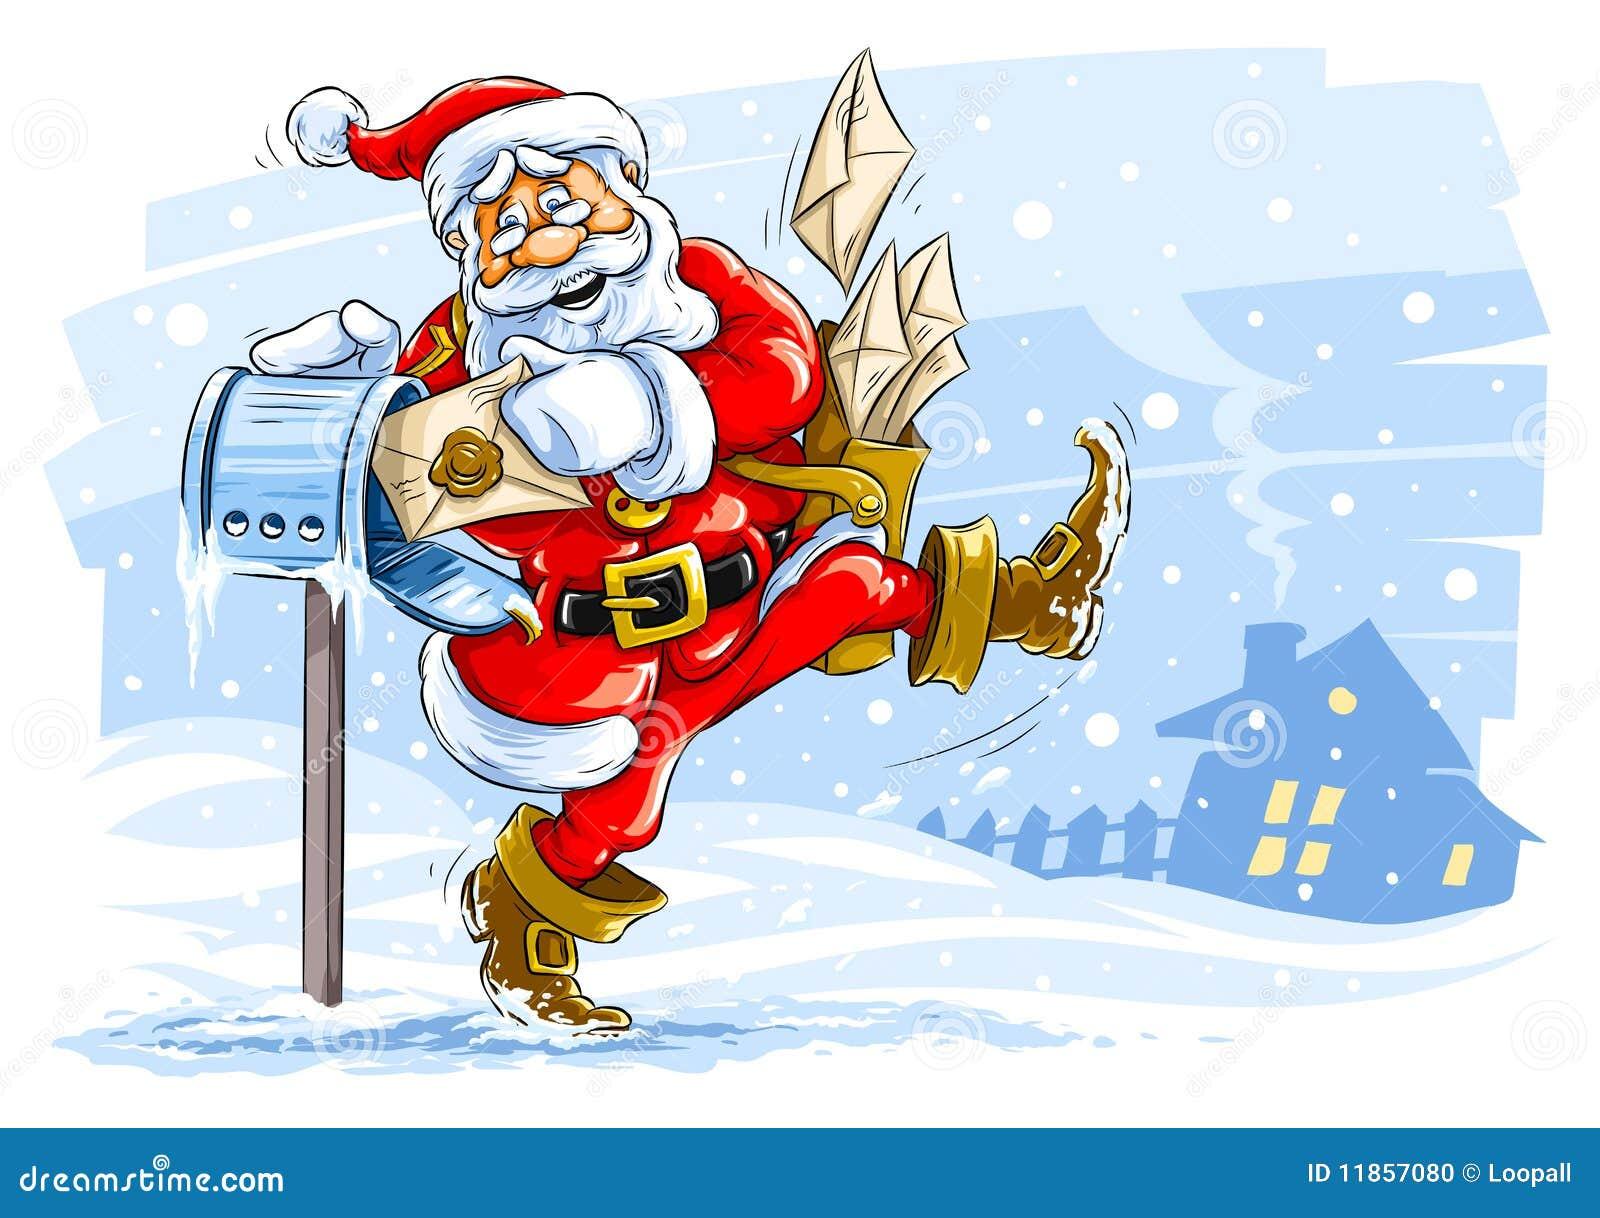 Новогодние поздравления от почтальона печкина